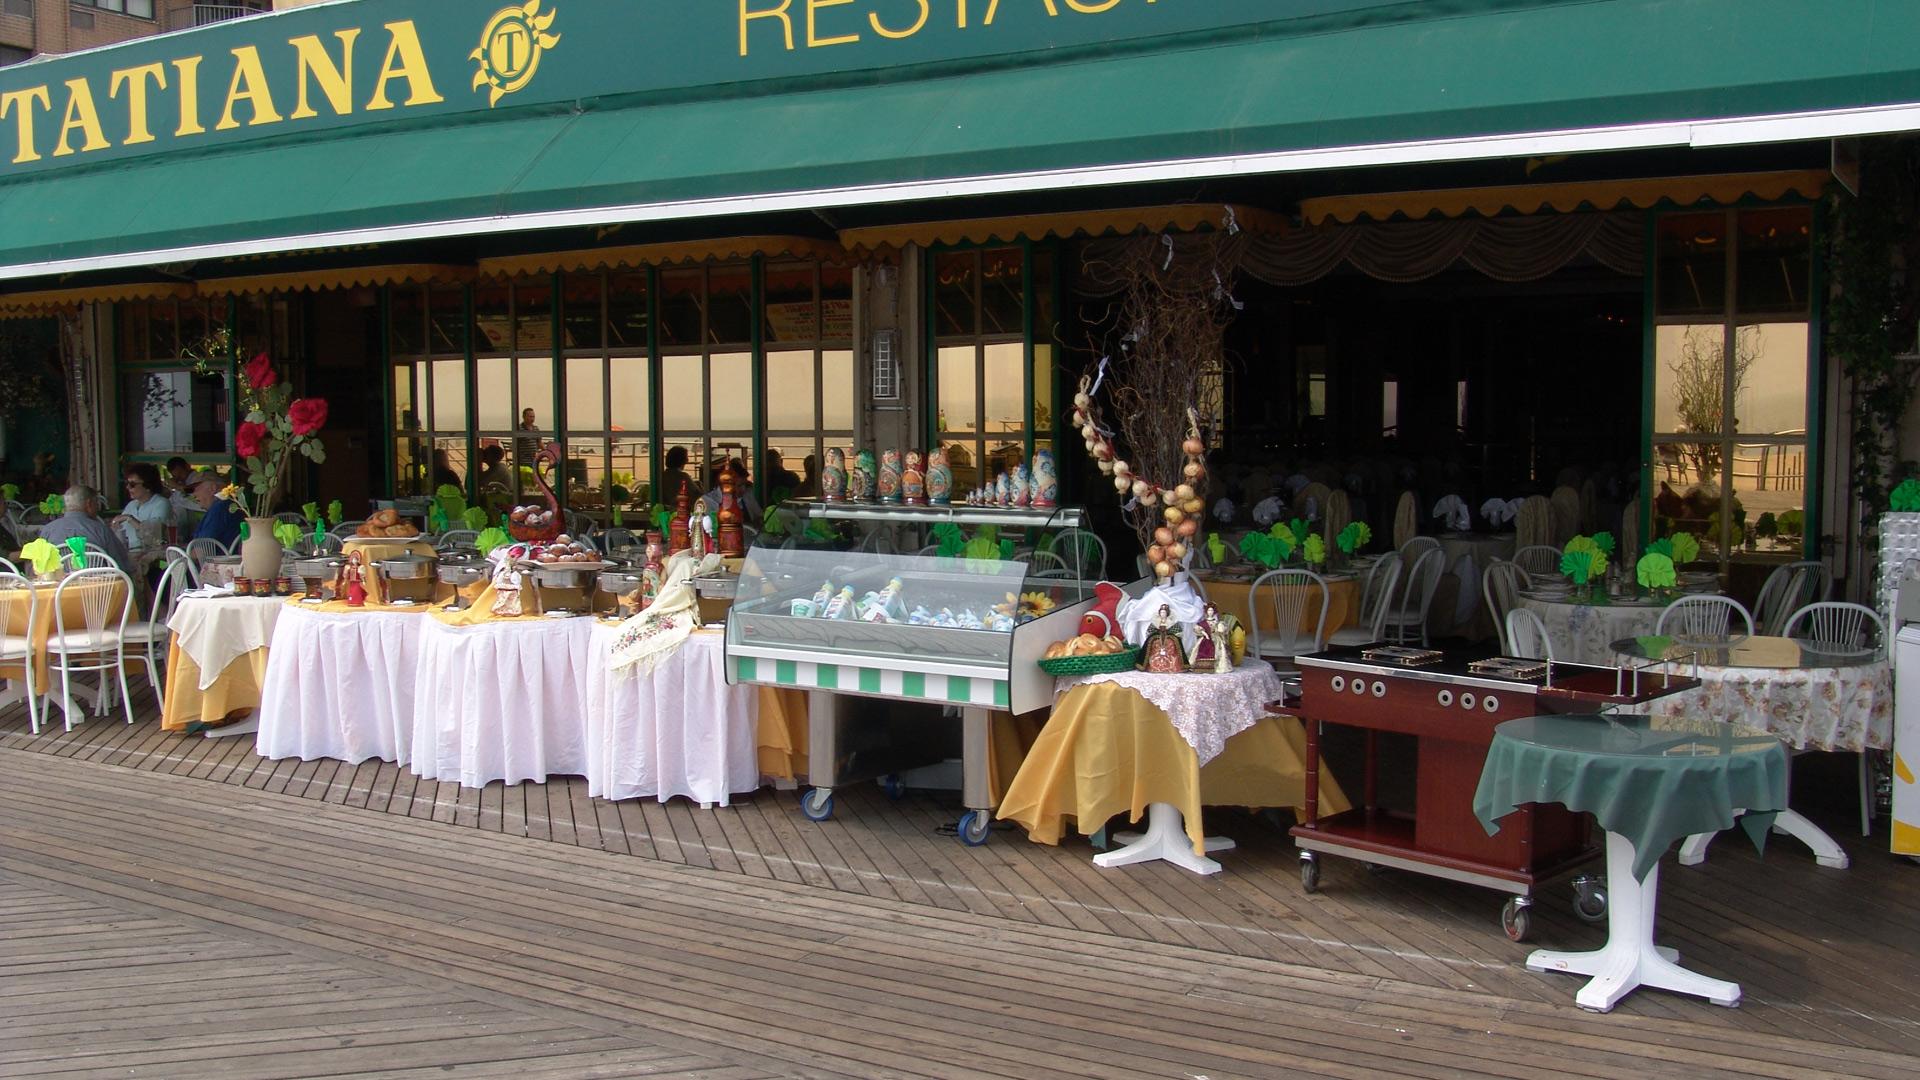 TATIANA Restaurant | New York | Miami |